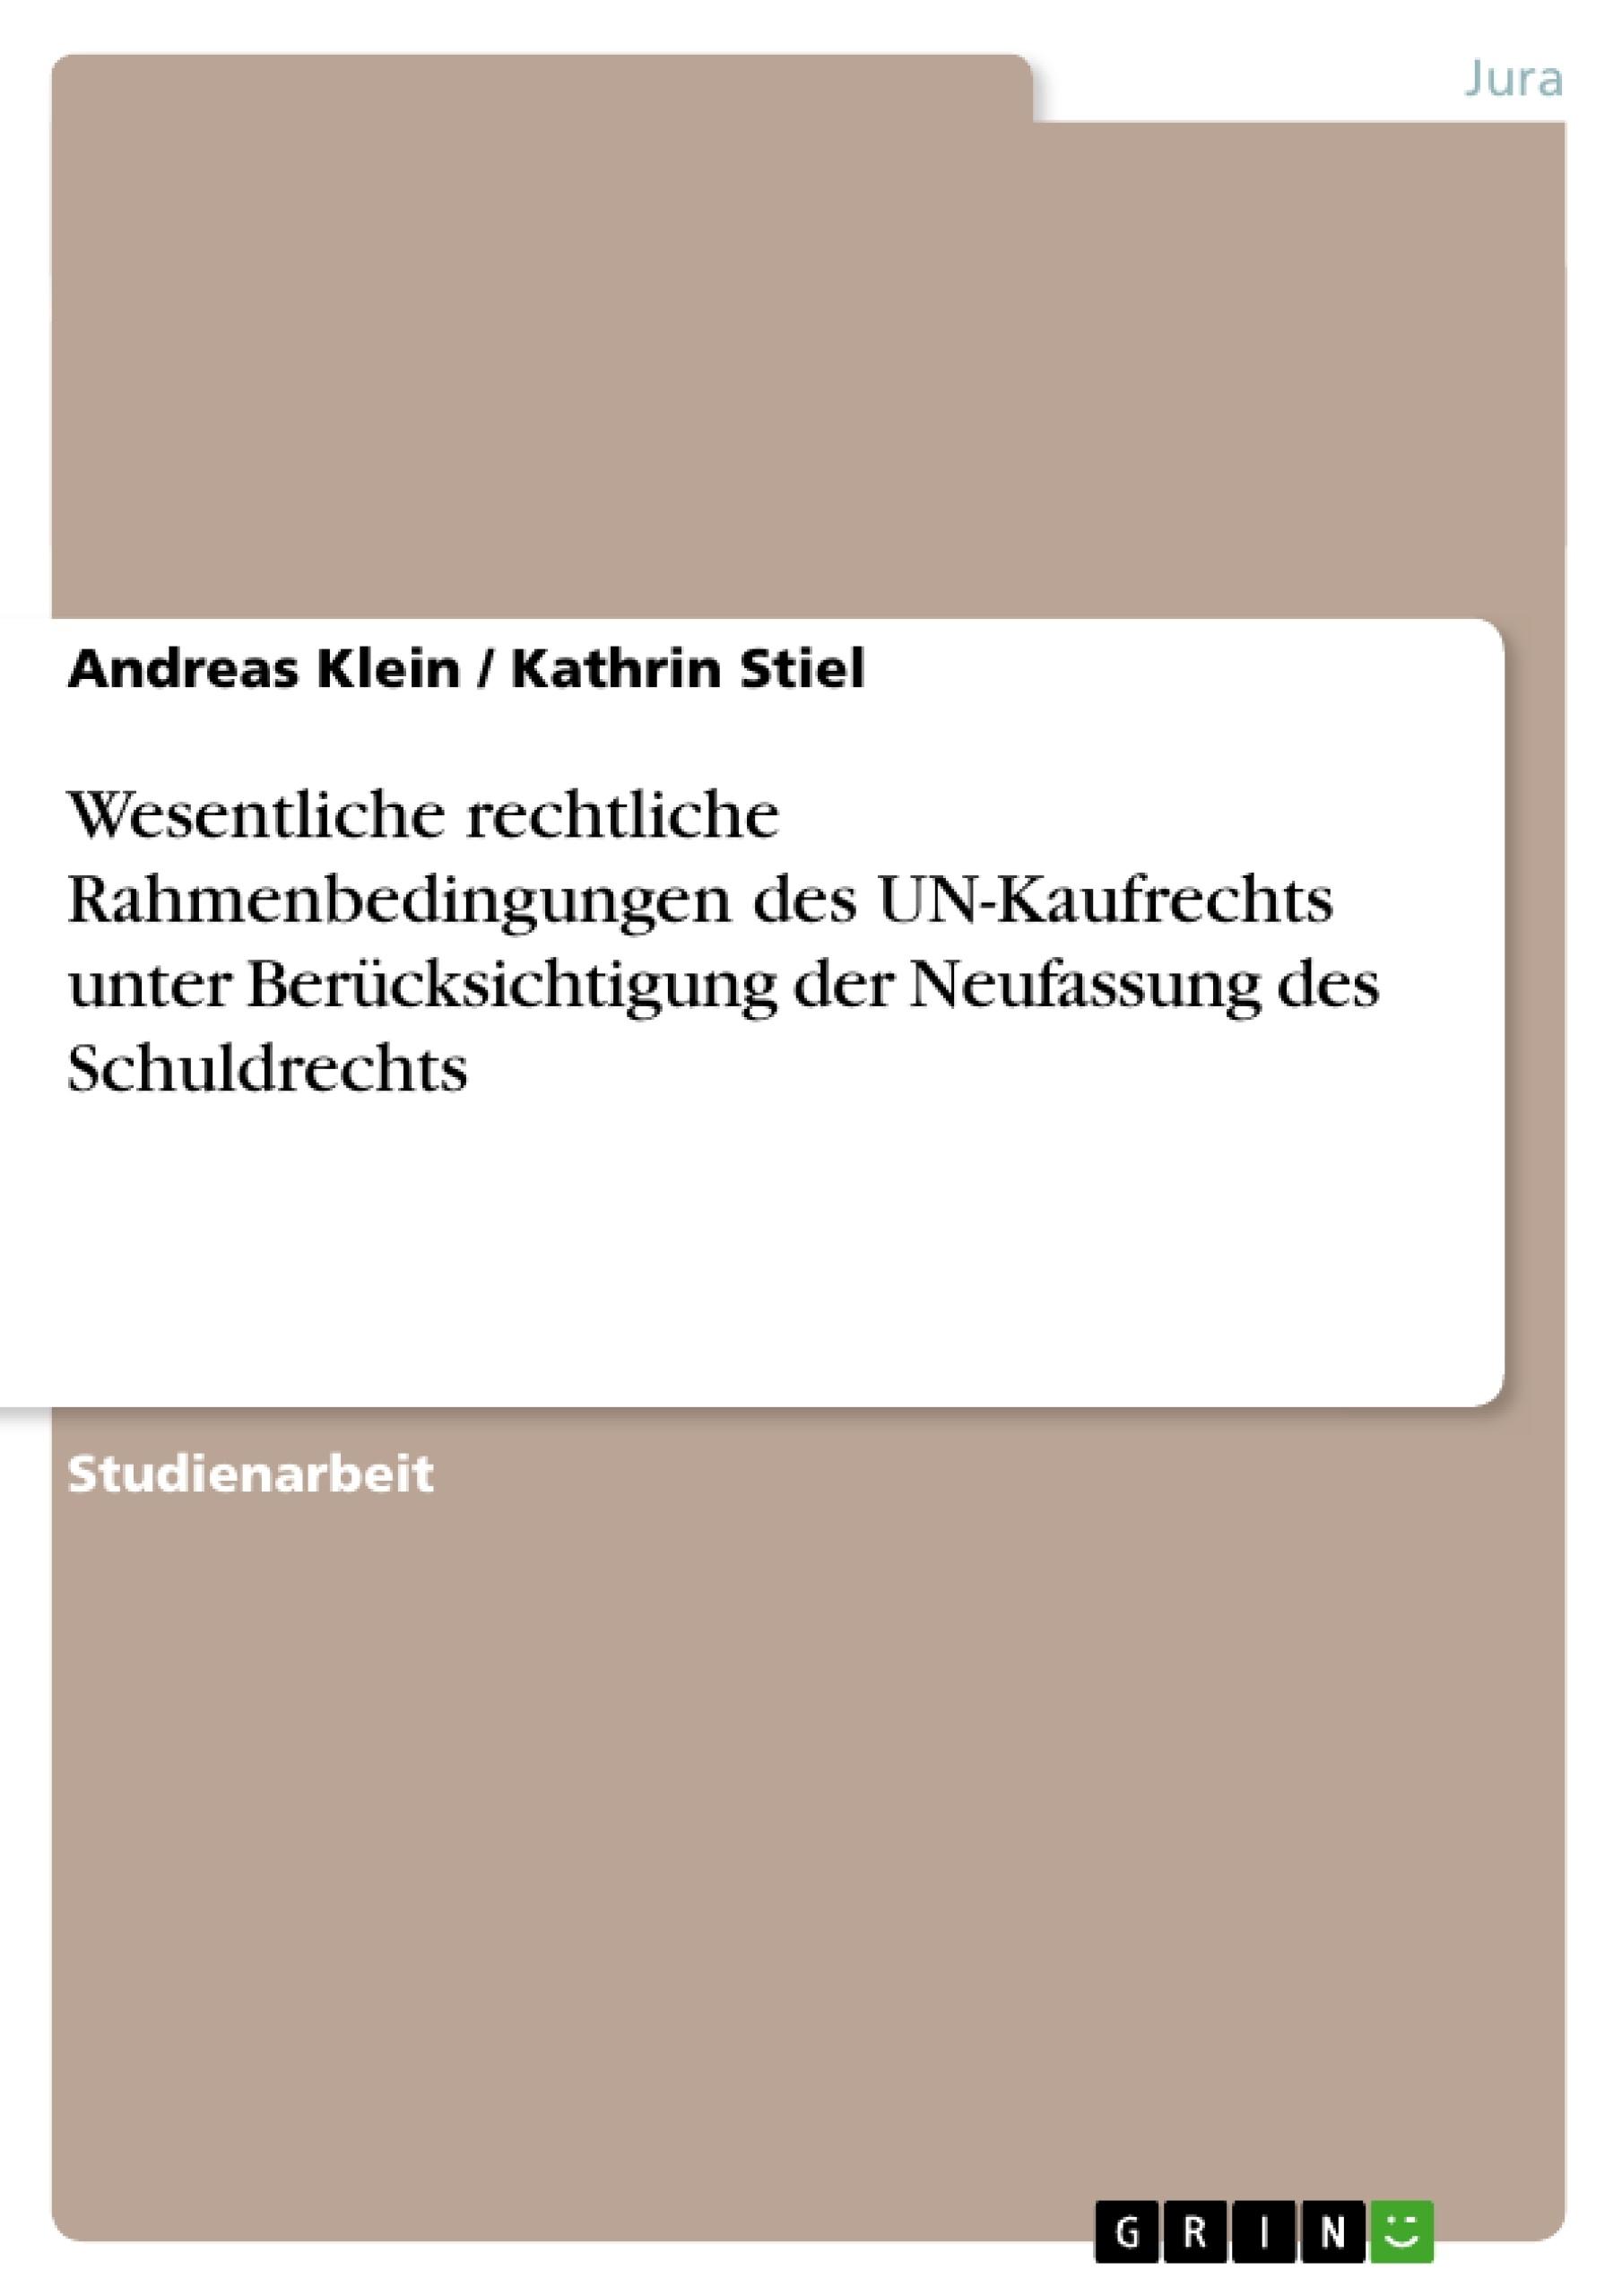 Titel: Wesentliche rechtliche Rahmenbedingungen des UN-Kaufrechts unter Berücksichtigung der Neufassung des Schuldrechts